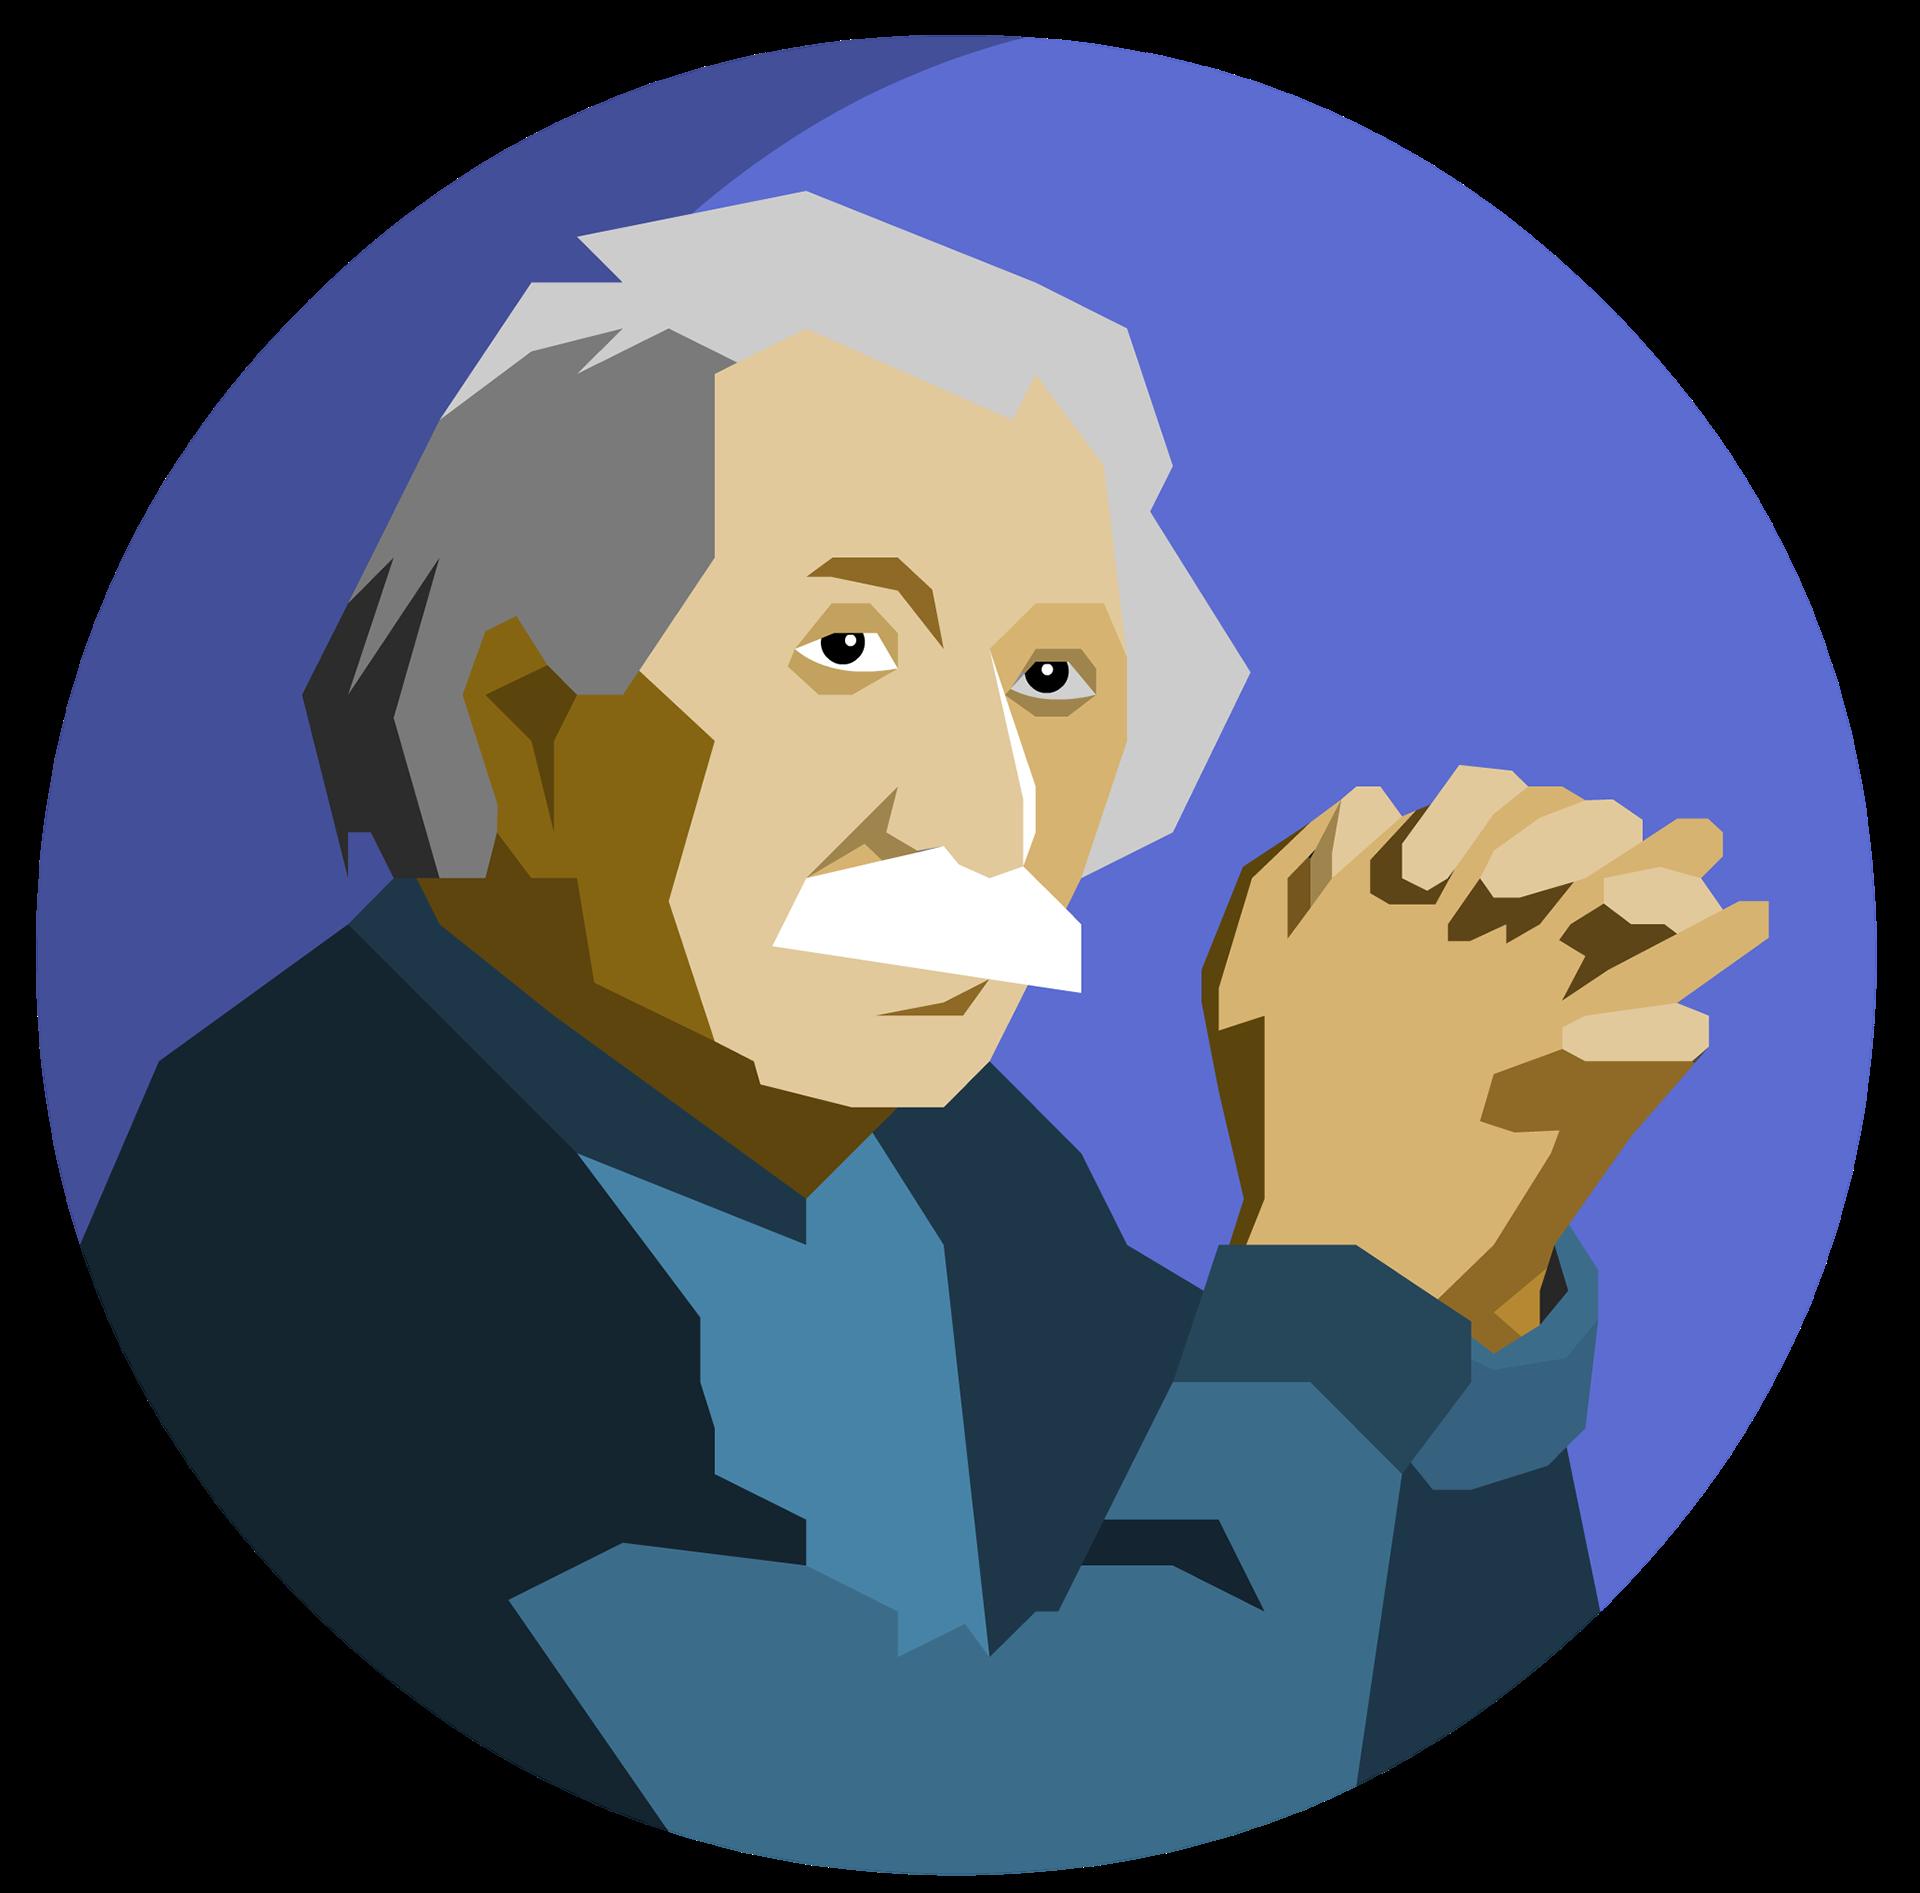 Mahmoud zaini avatars albert. Einstein clipart famous person